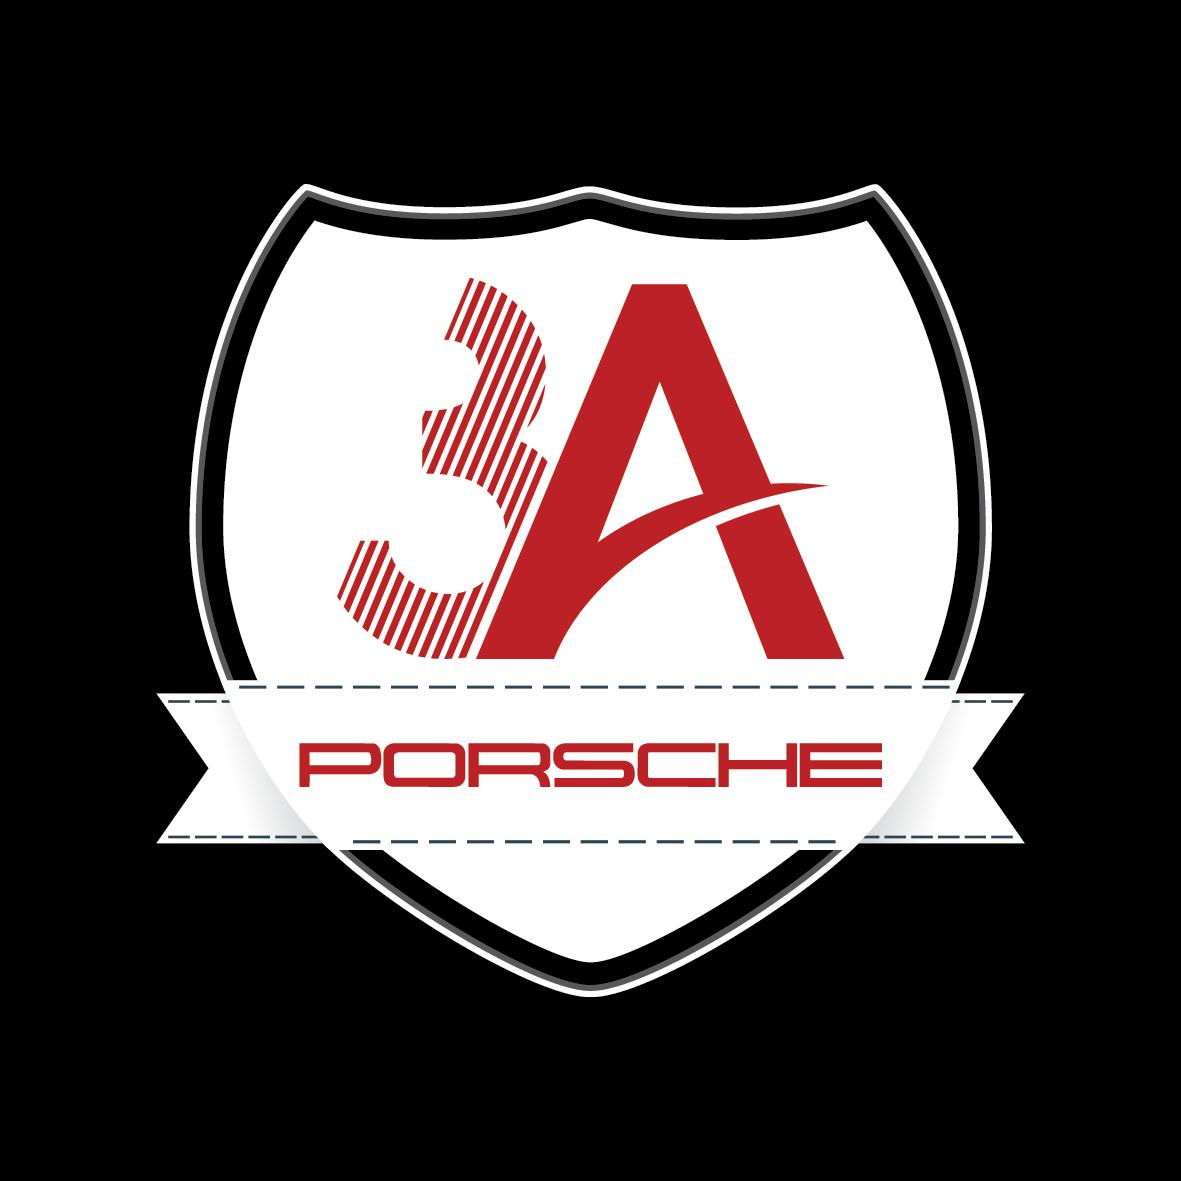 3a porsche logo tasarimi siyah zemin